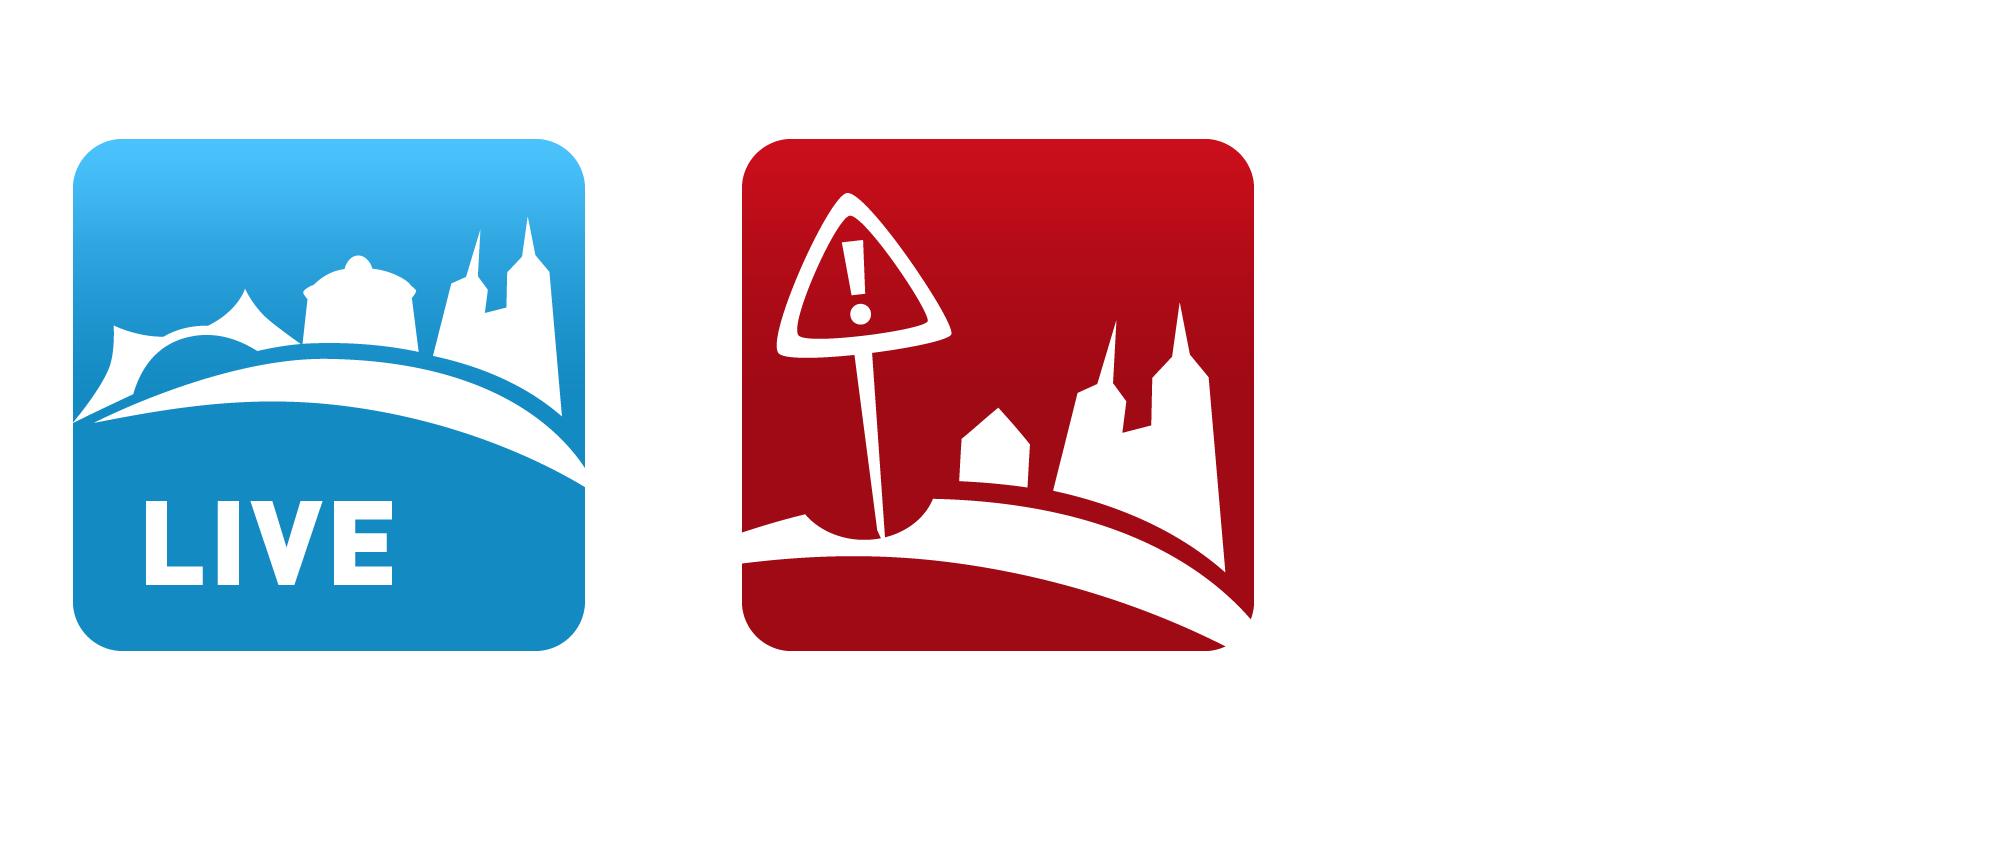 App-ikoner i Roskilde Kommune – Giv et praj og Roskilde Live